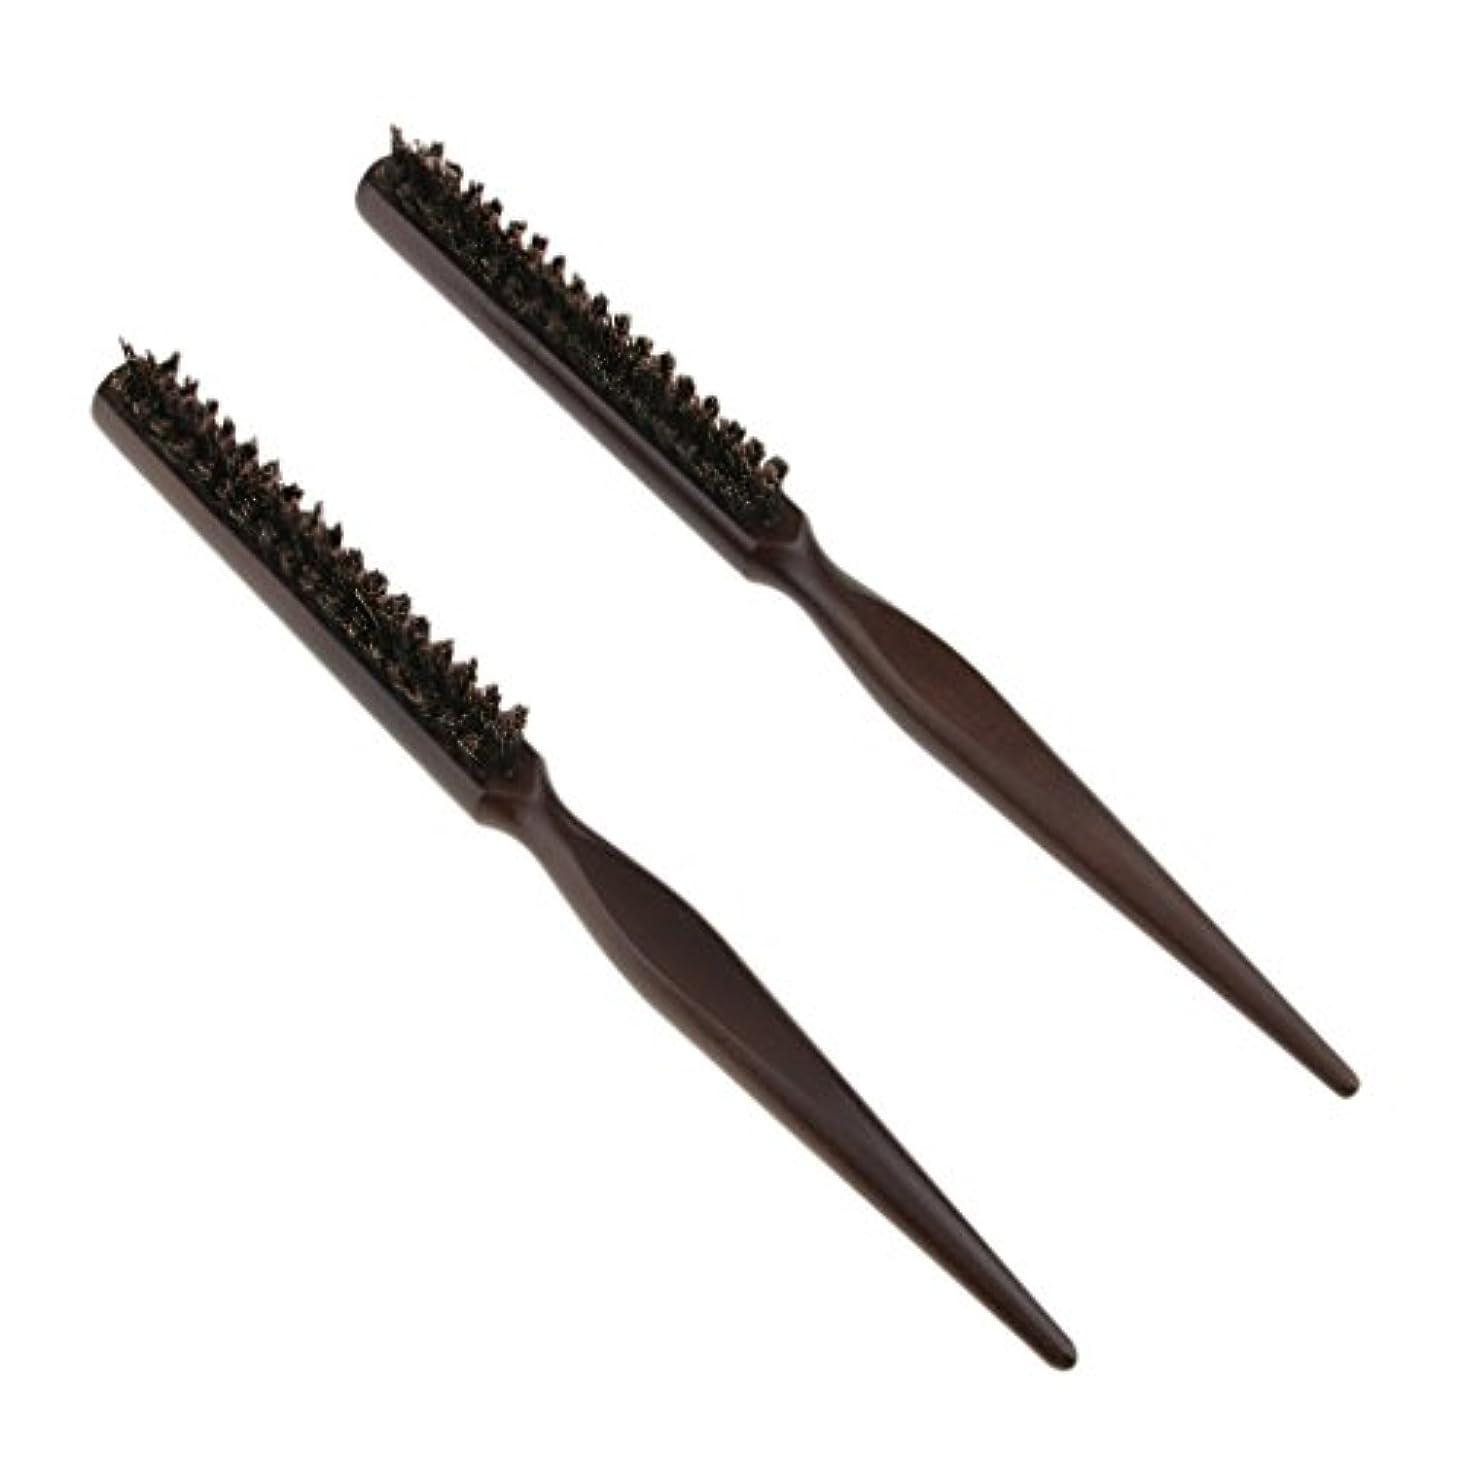 民主党静けさなくなる2本3行木材自然の剛毛のおしゃぶりブラシの後ろのブラシのブラシ24センチメートル